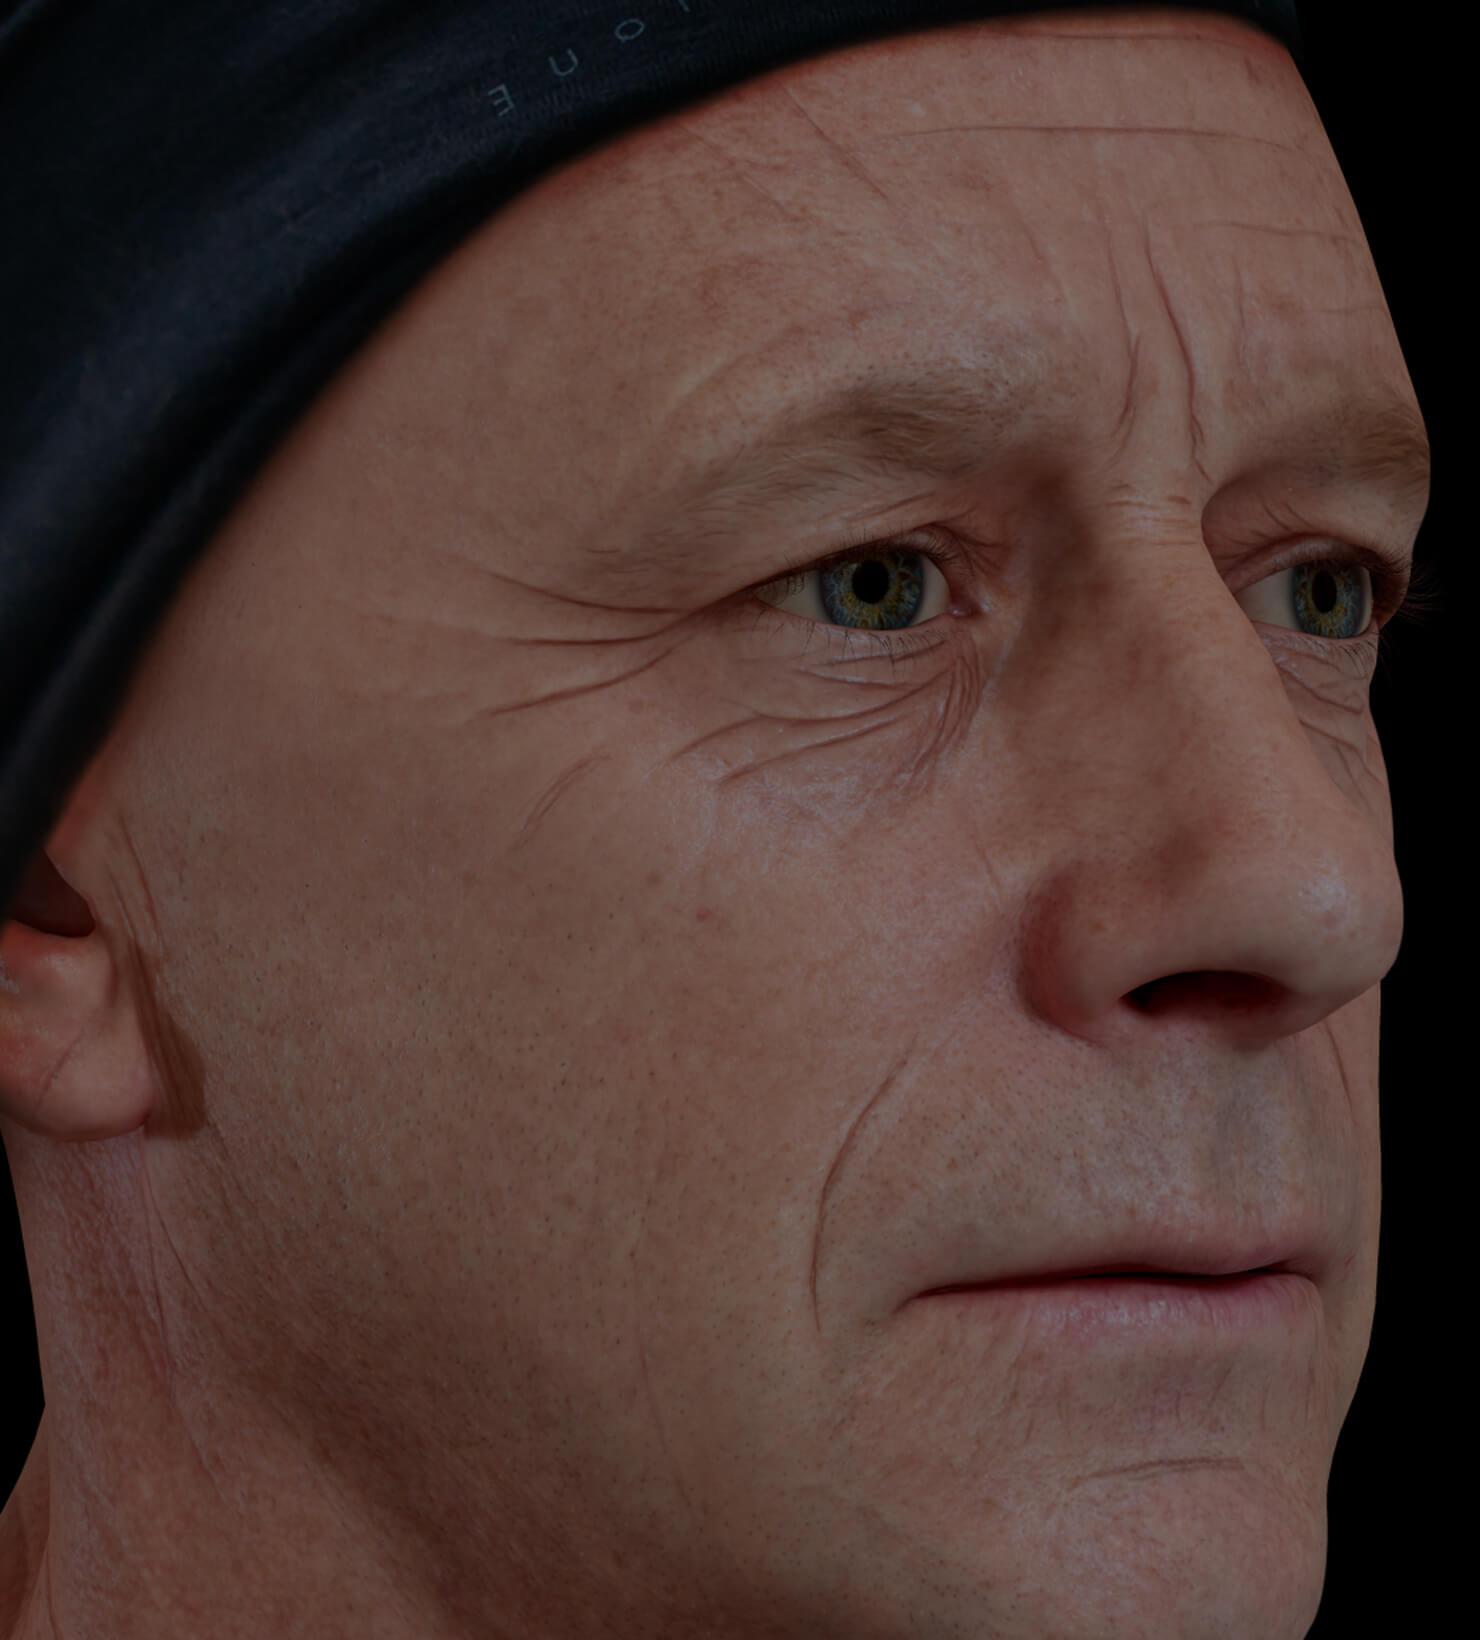 Patient de la Clinique Chloé présentant des rides et ridules sur le visage traité avec le plasma riche en plaquettes, ou PRP